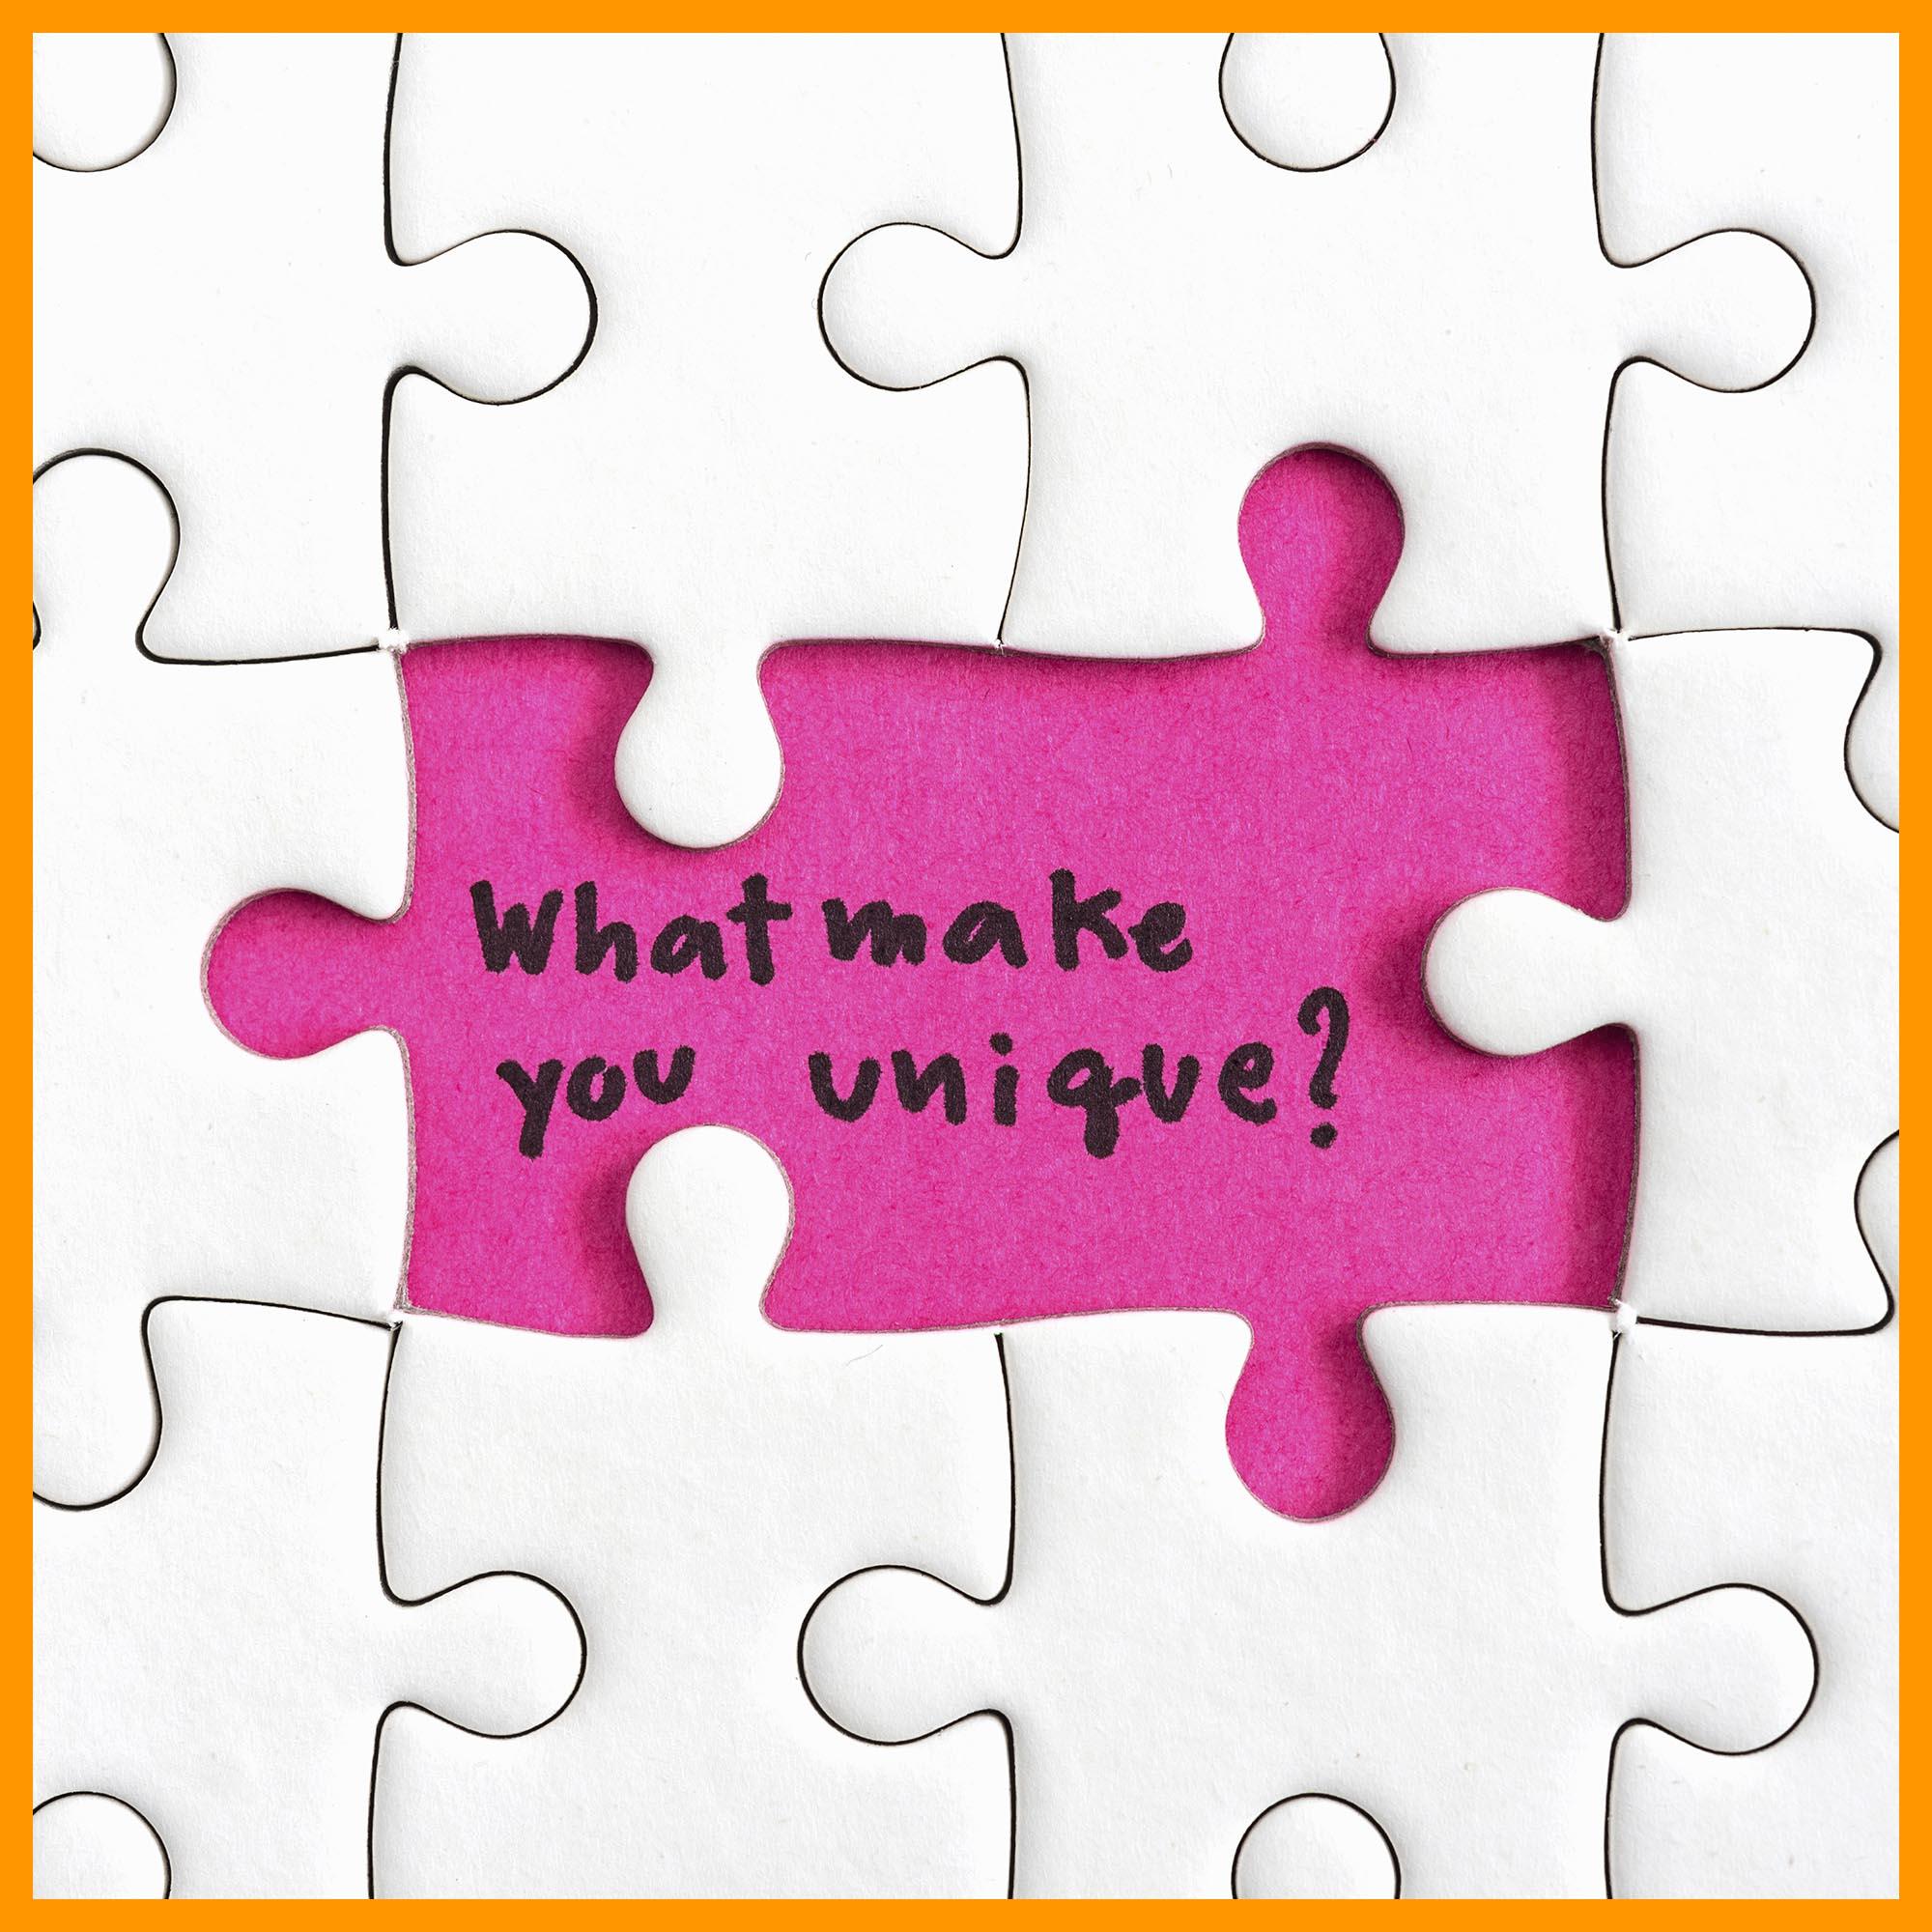 אתר תדמיתי לעסקים - איך עושים את זה נכון? | Oi-Vei שיווק דיגיטלי